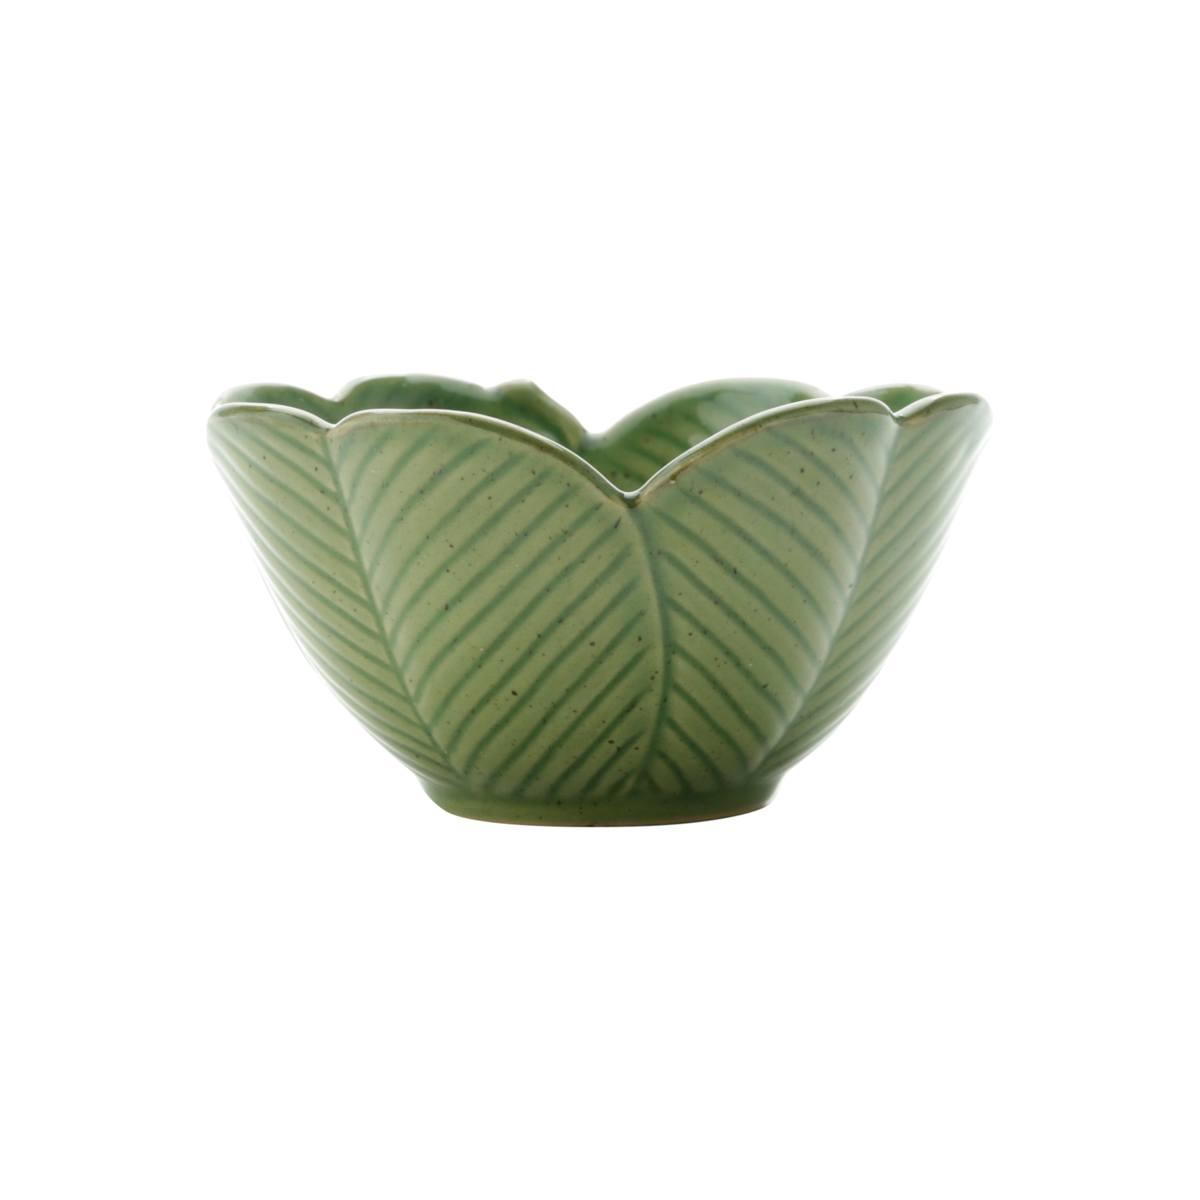 Centro de Mesa Decorativo Cerâmica Banana Leaf Verde 13x7cm Lyor